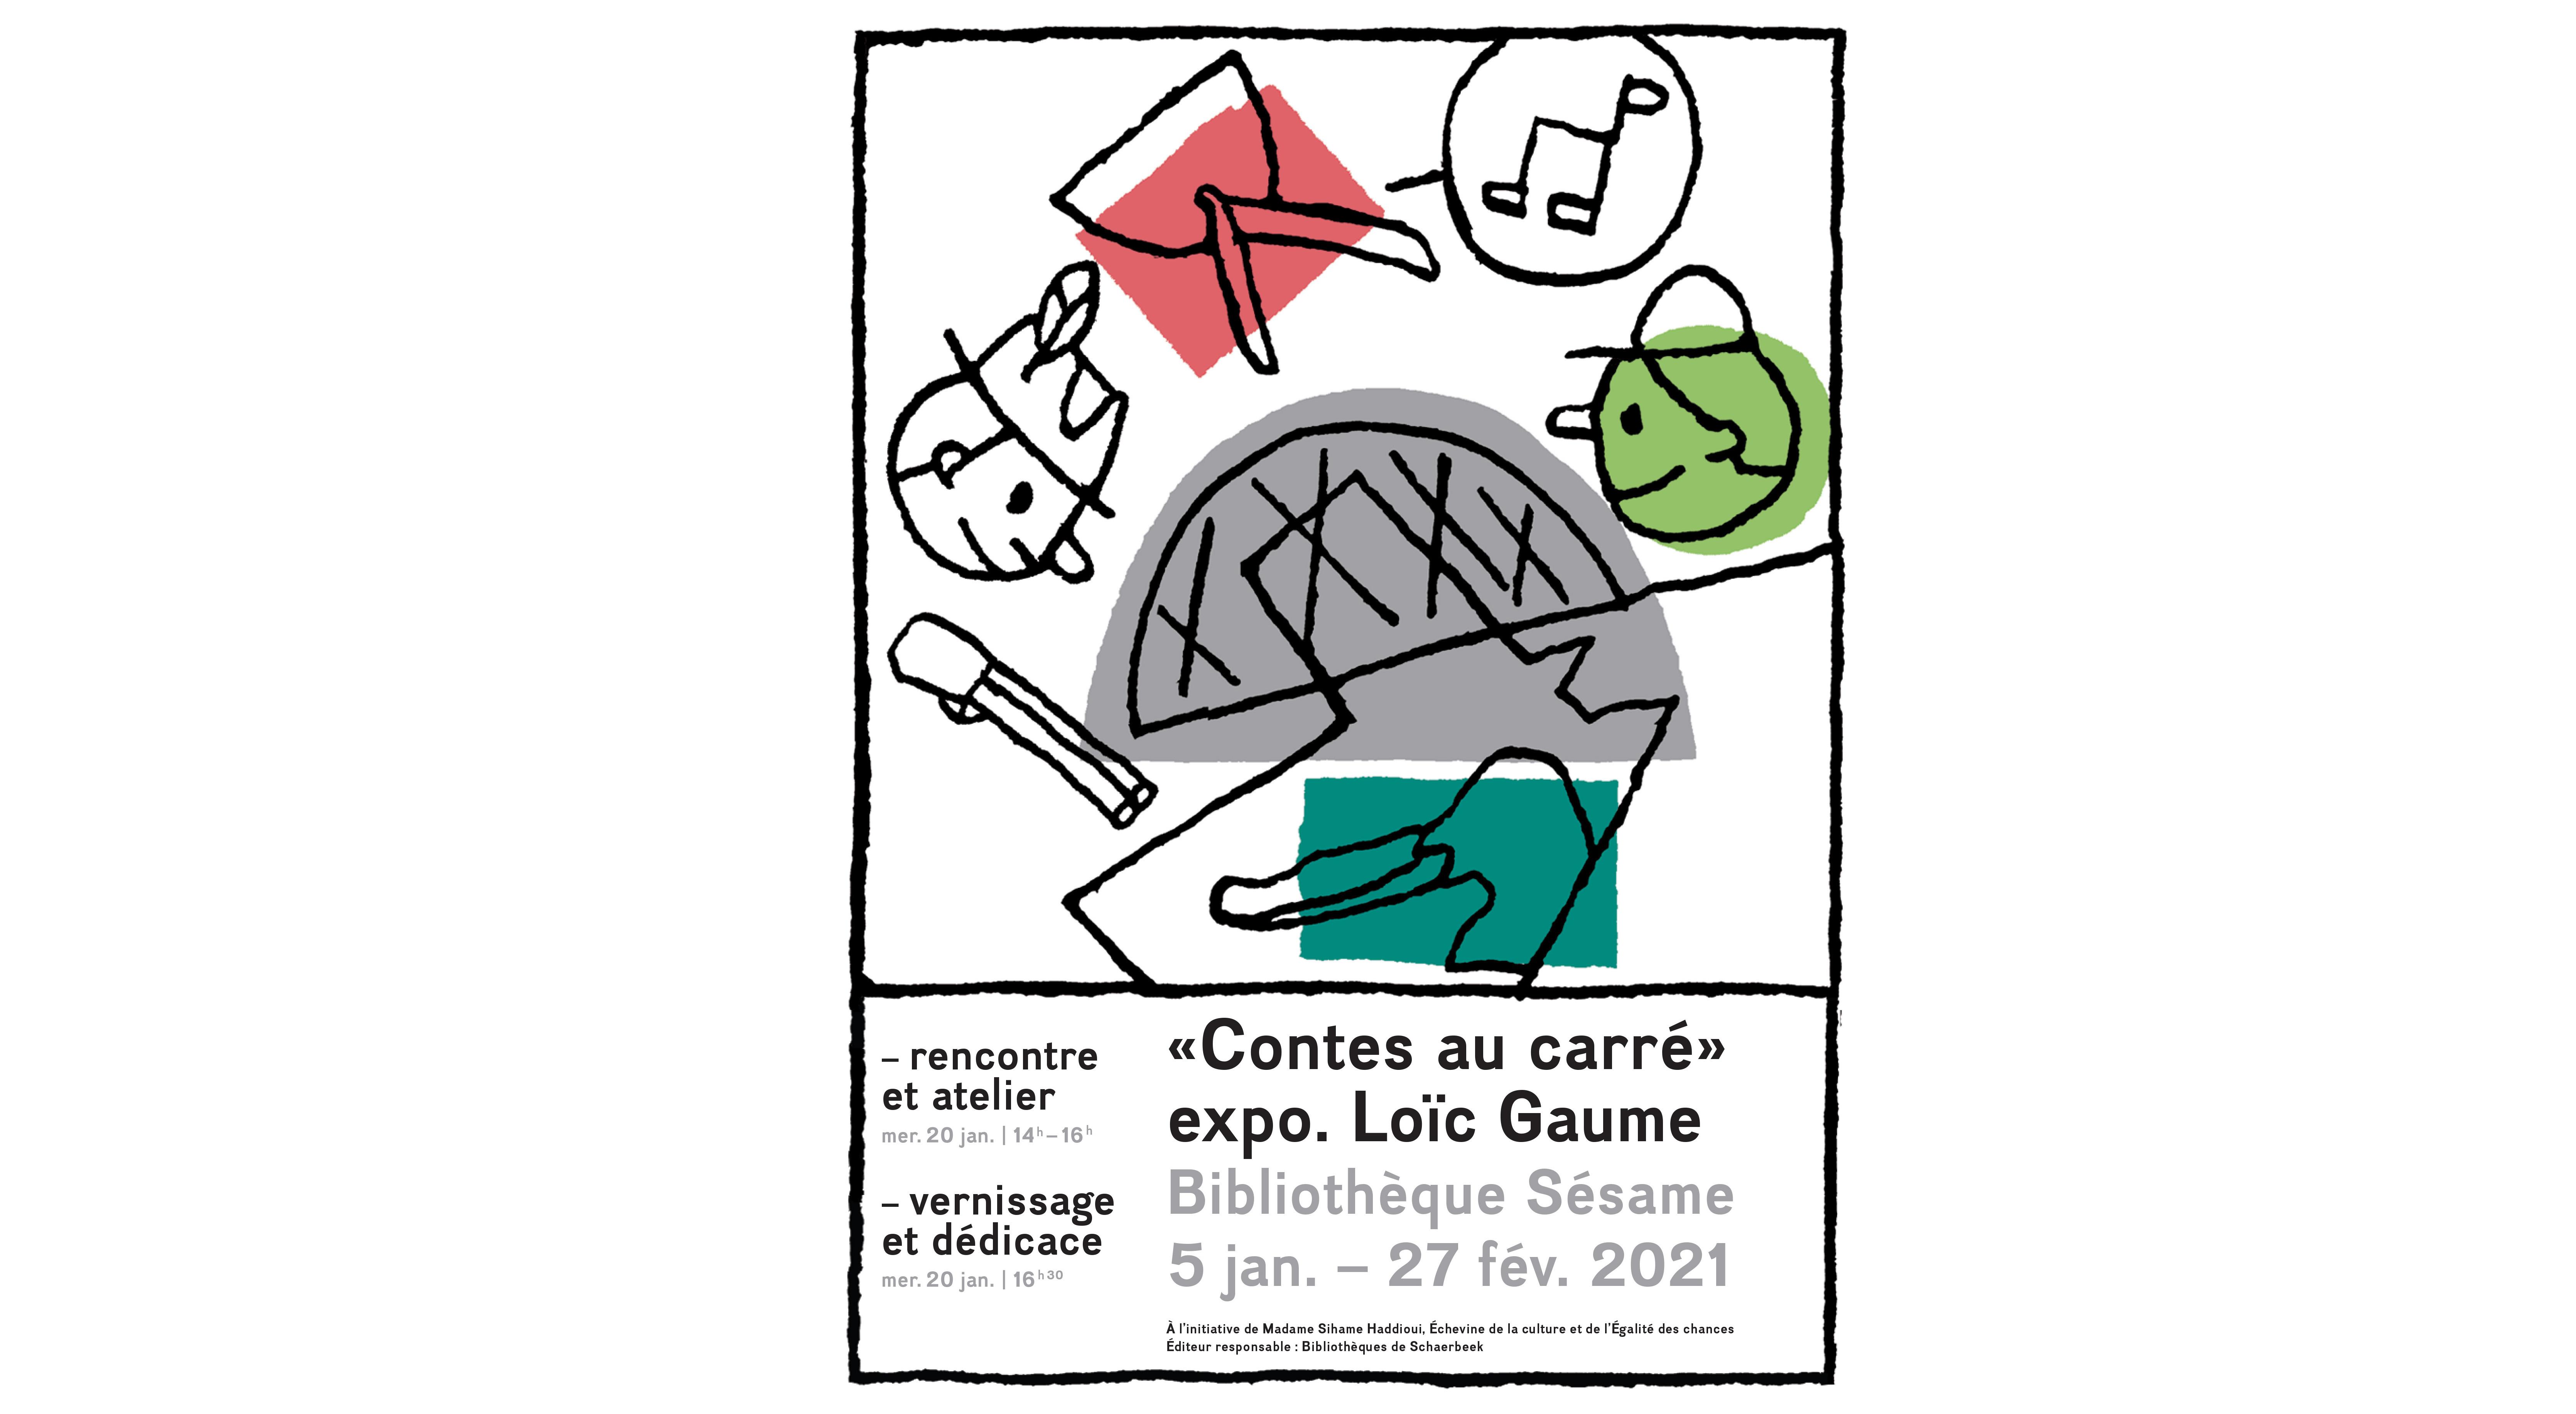 Rencontre et atelier avec Loïc Gaume